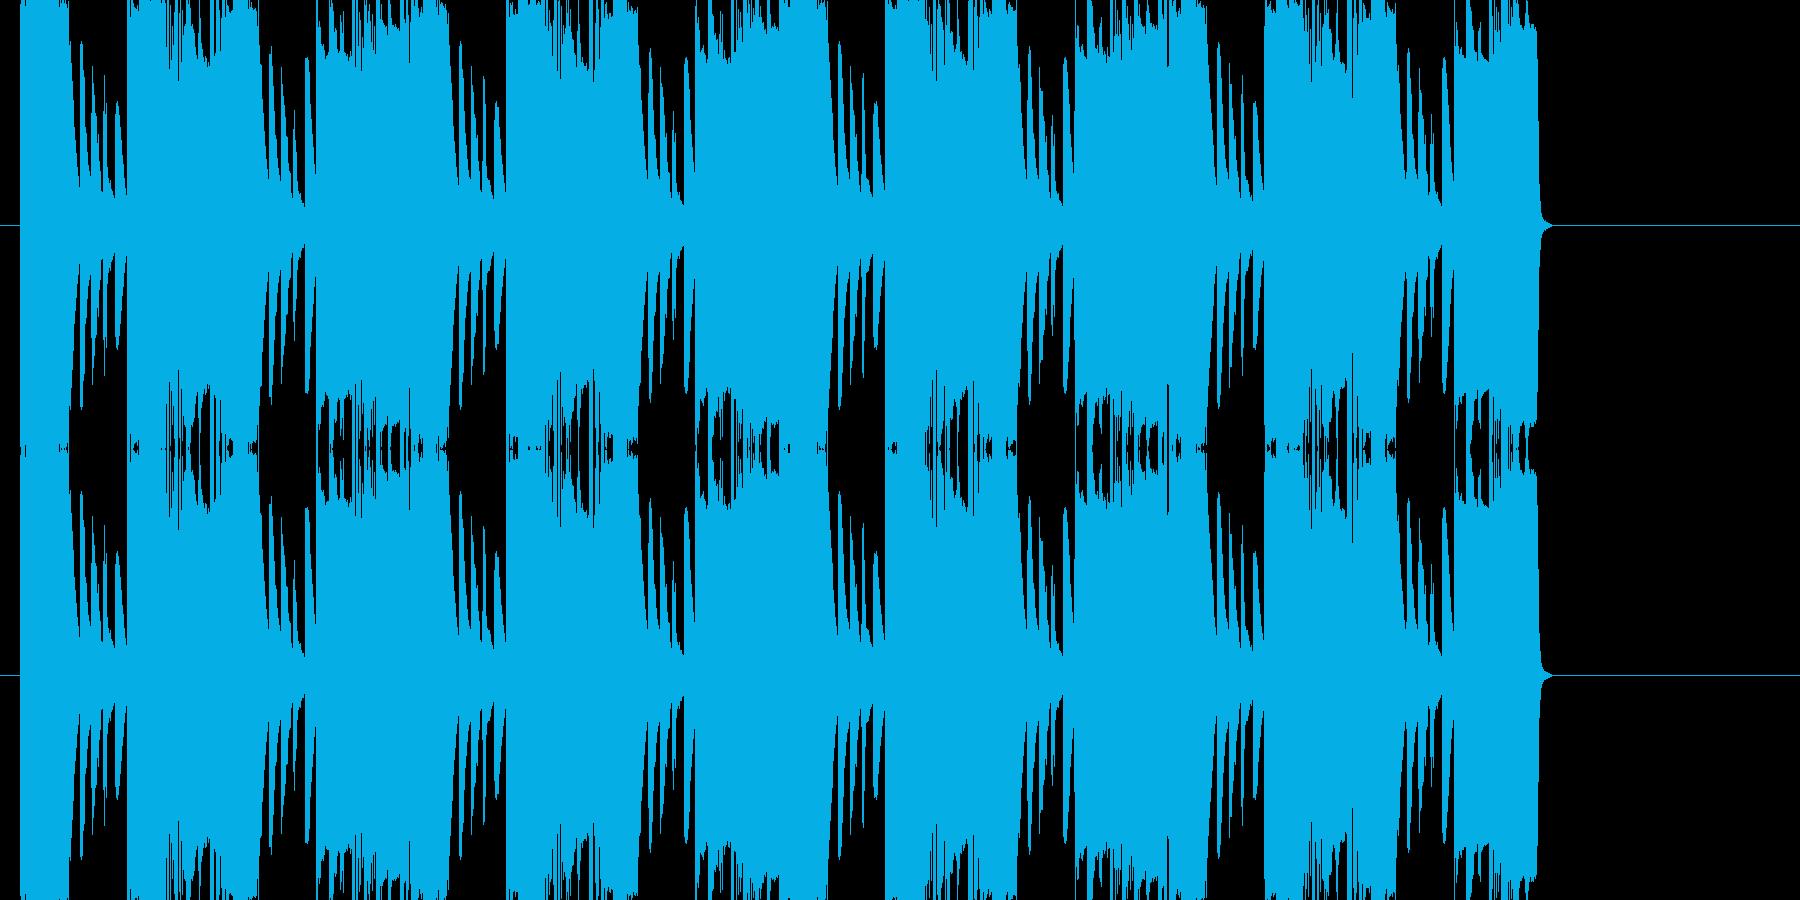 フリーゲームのイントロっぽい曲の再生済みの波形